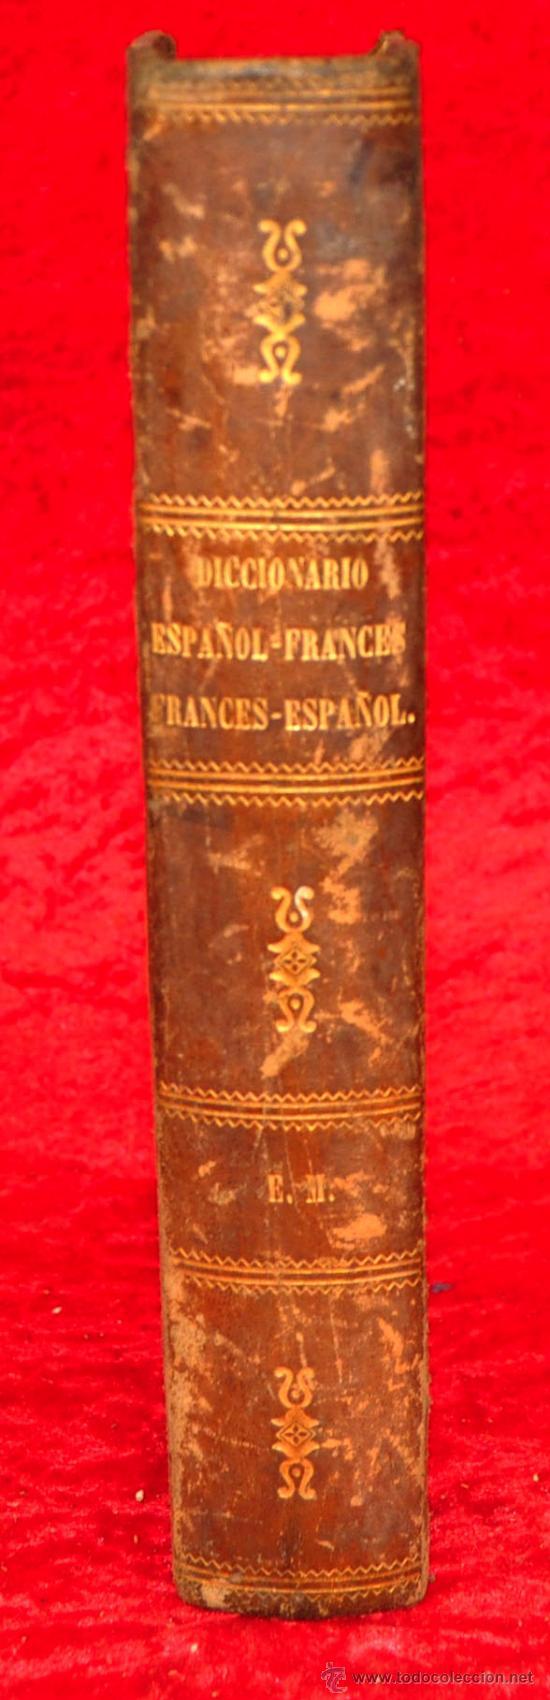 ANTIGUO DICCIONARIO FRANCES ESPAÑOL DE 1862. VICENTE SALVA. 13 EDICION. LIBRERIA GARNIER PARIS (Libros Antiguos, Raros y Curiosos - Diccionarios)